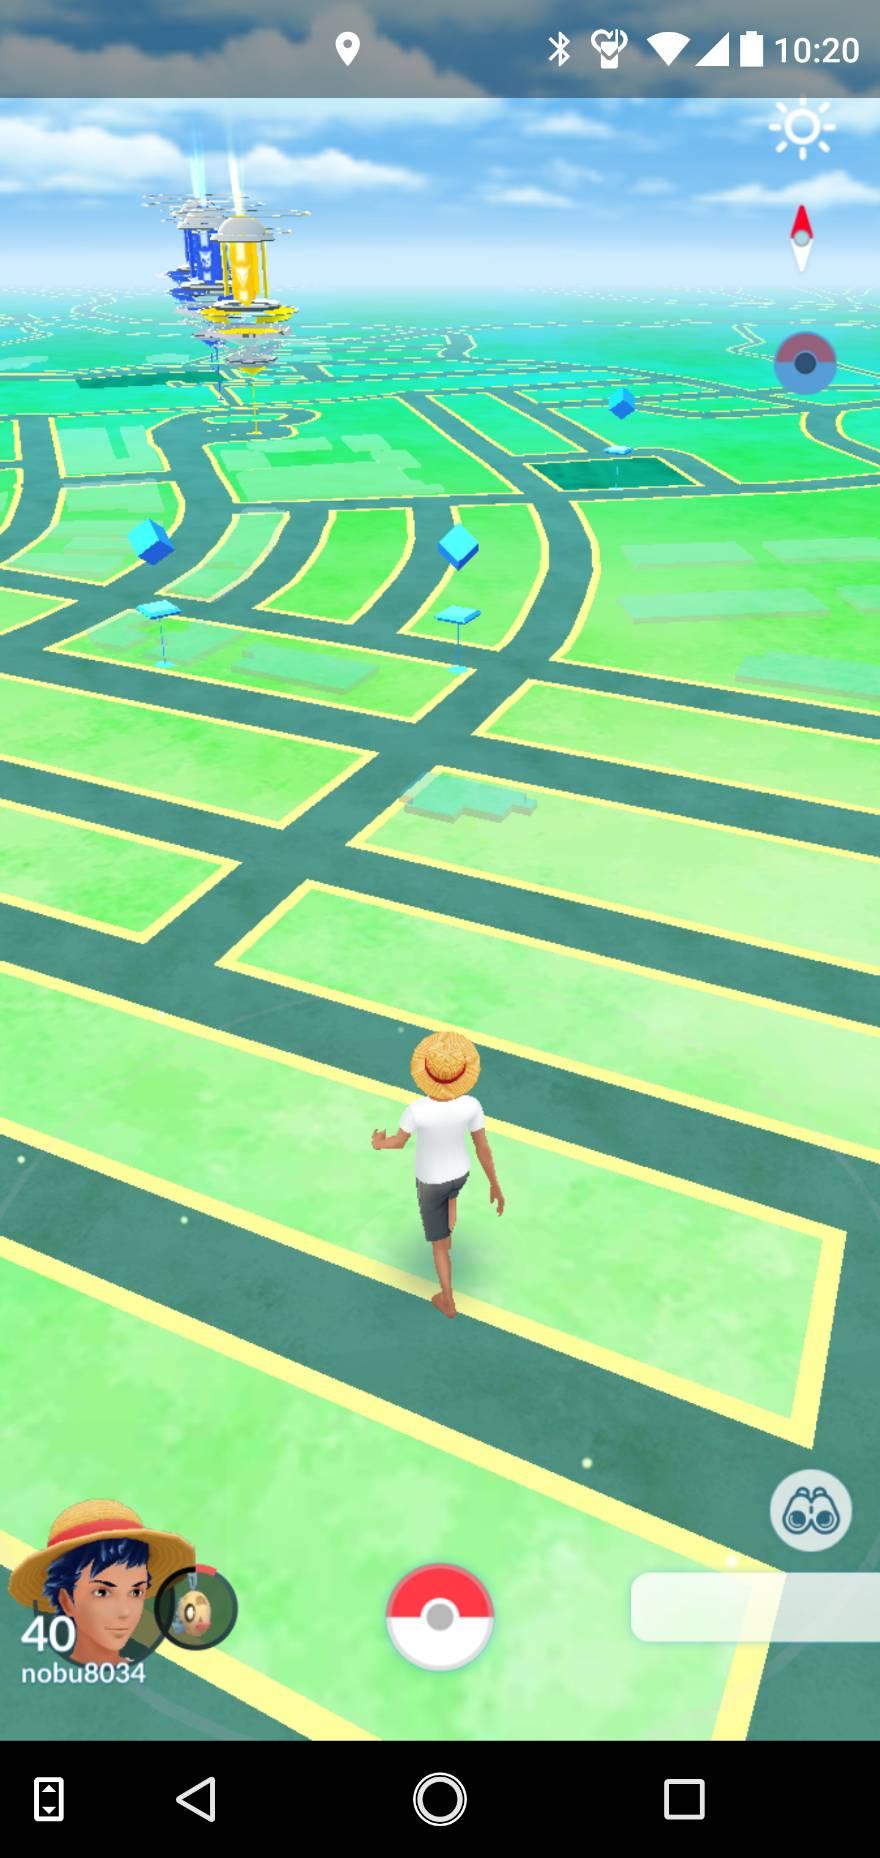 【ポケモンGO】うちの主人公が裸足で歩き回るけど何か?